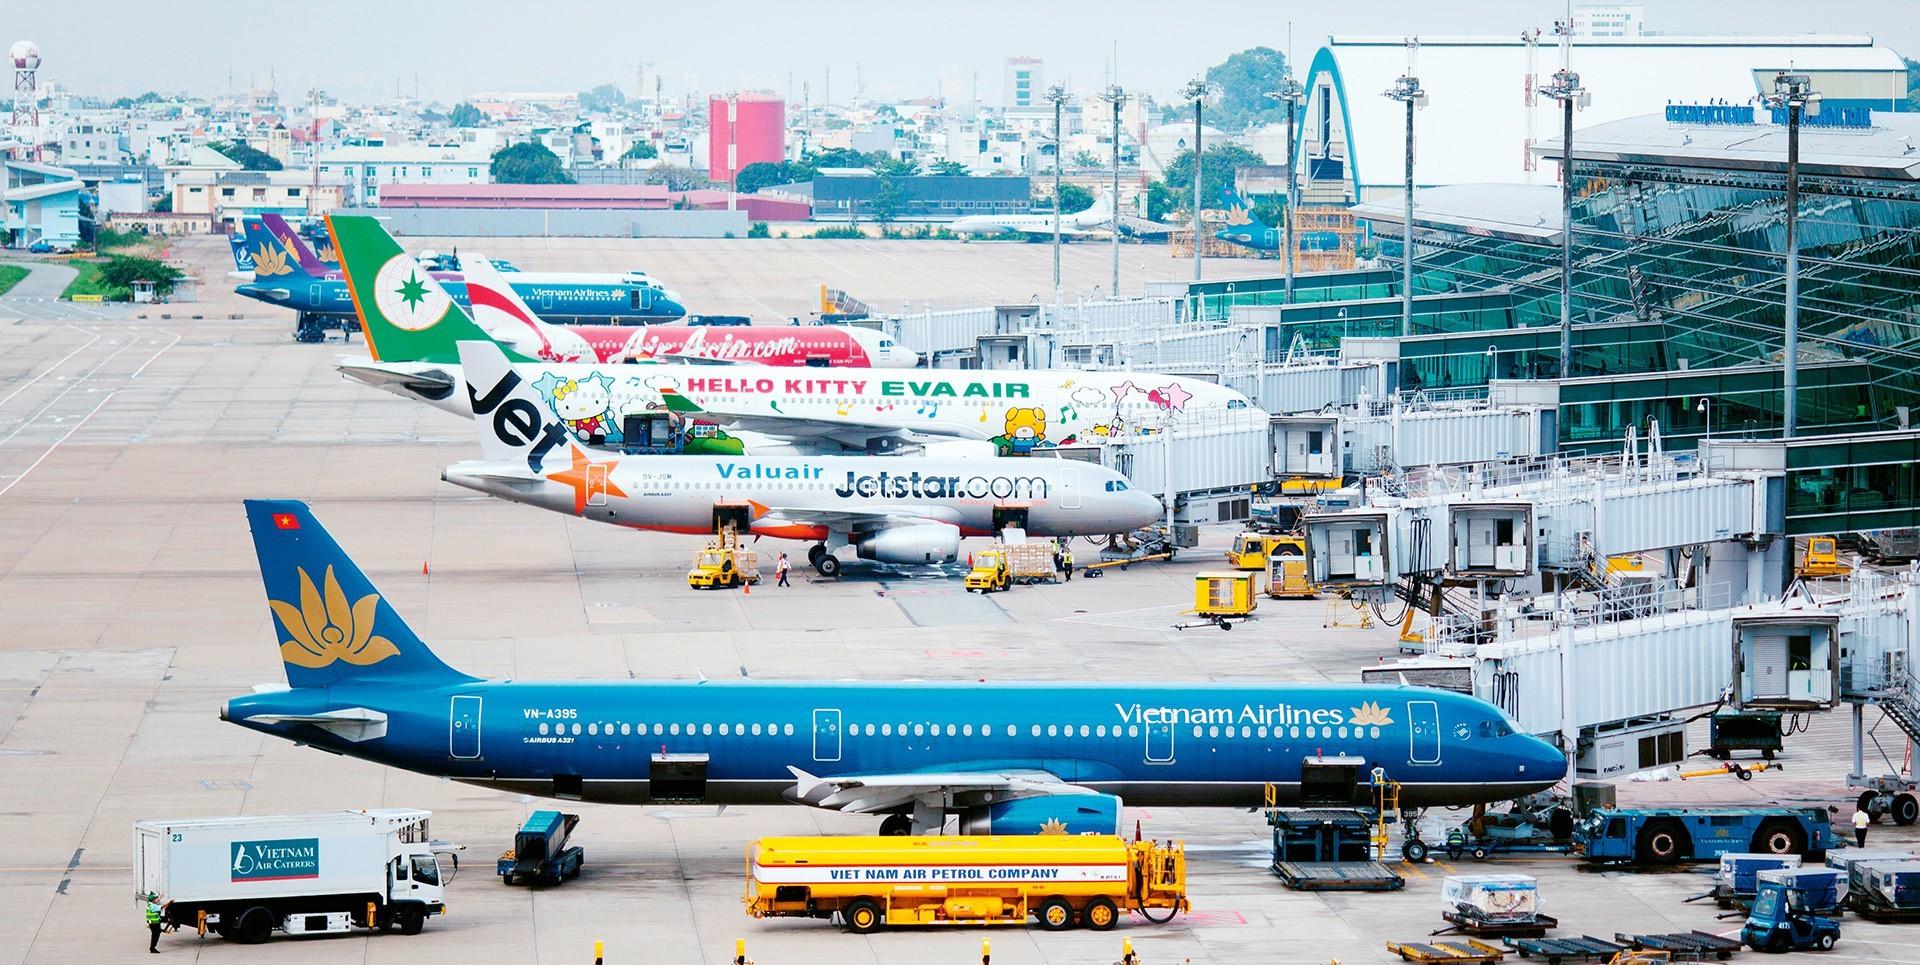 Giấy phép kinh doanh cảng hàng không được cấp lại trong trường hợp nào?